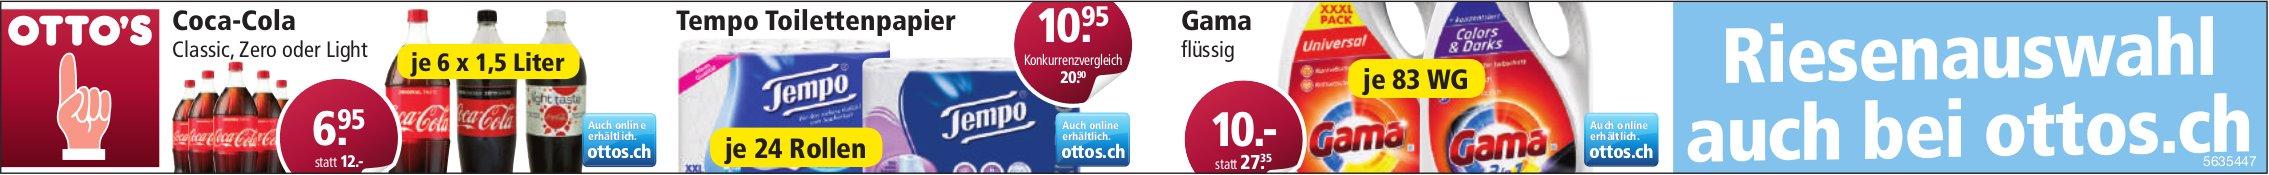 Riesenauswahl auch bei ottos.ch